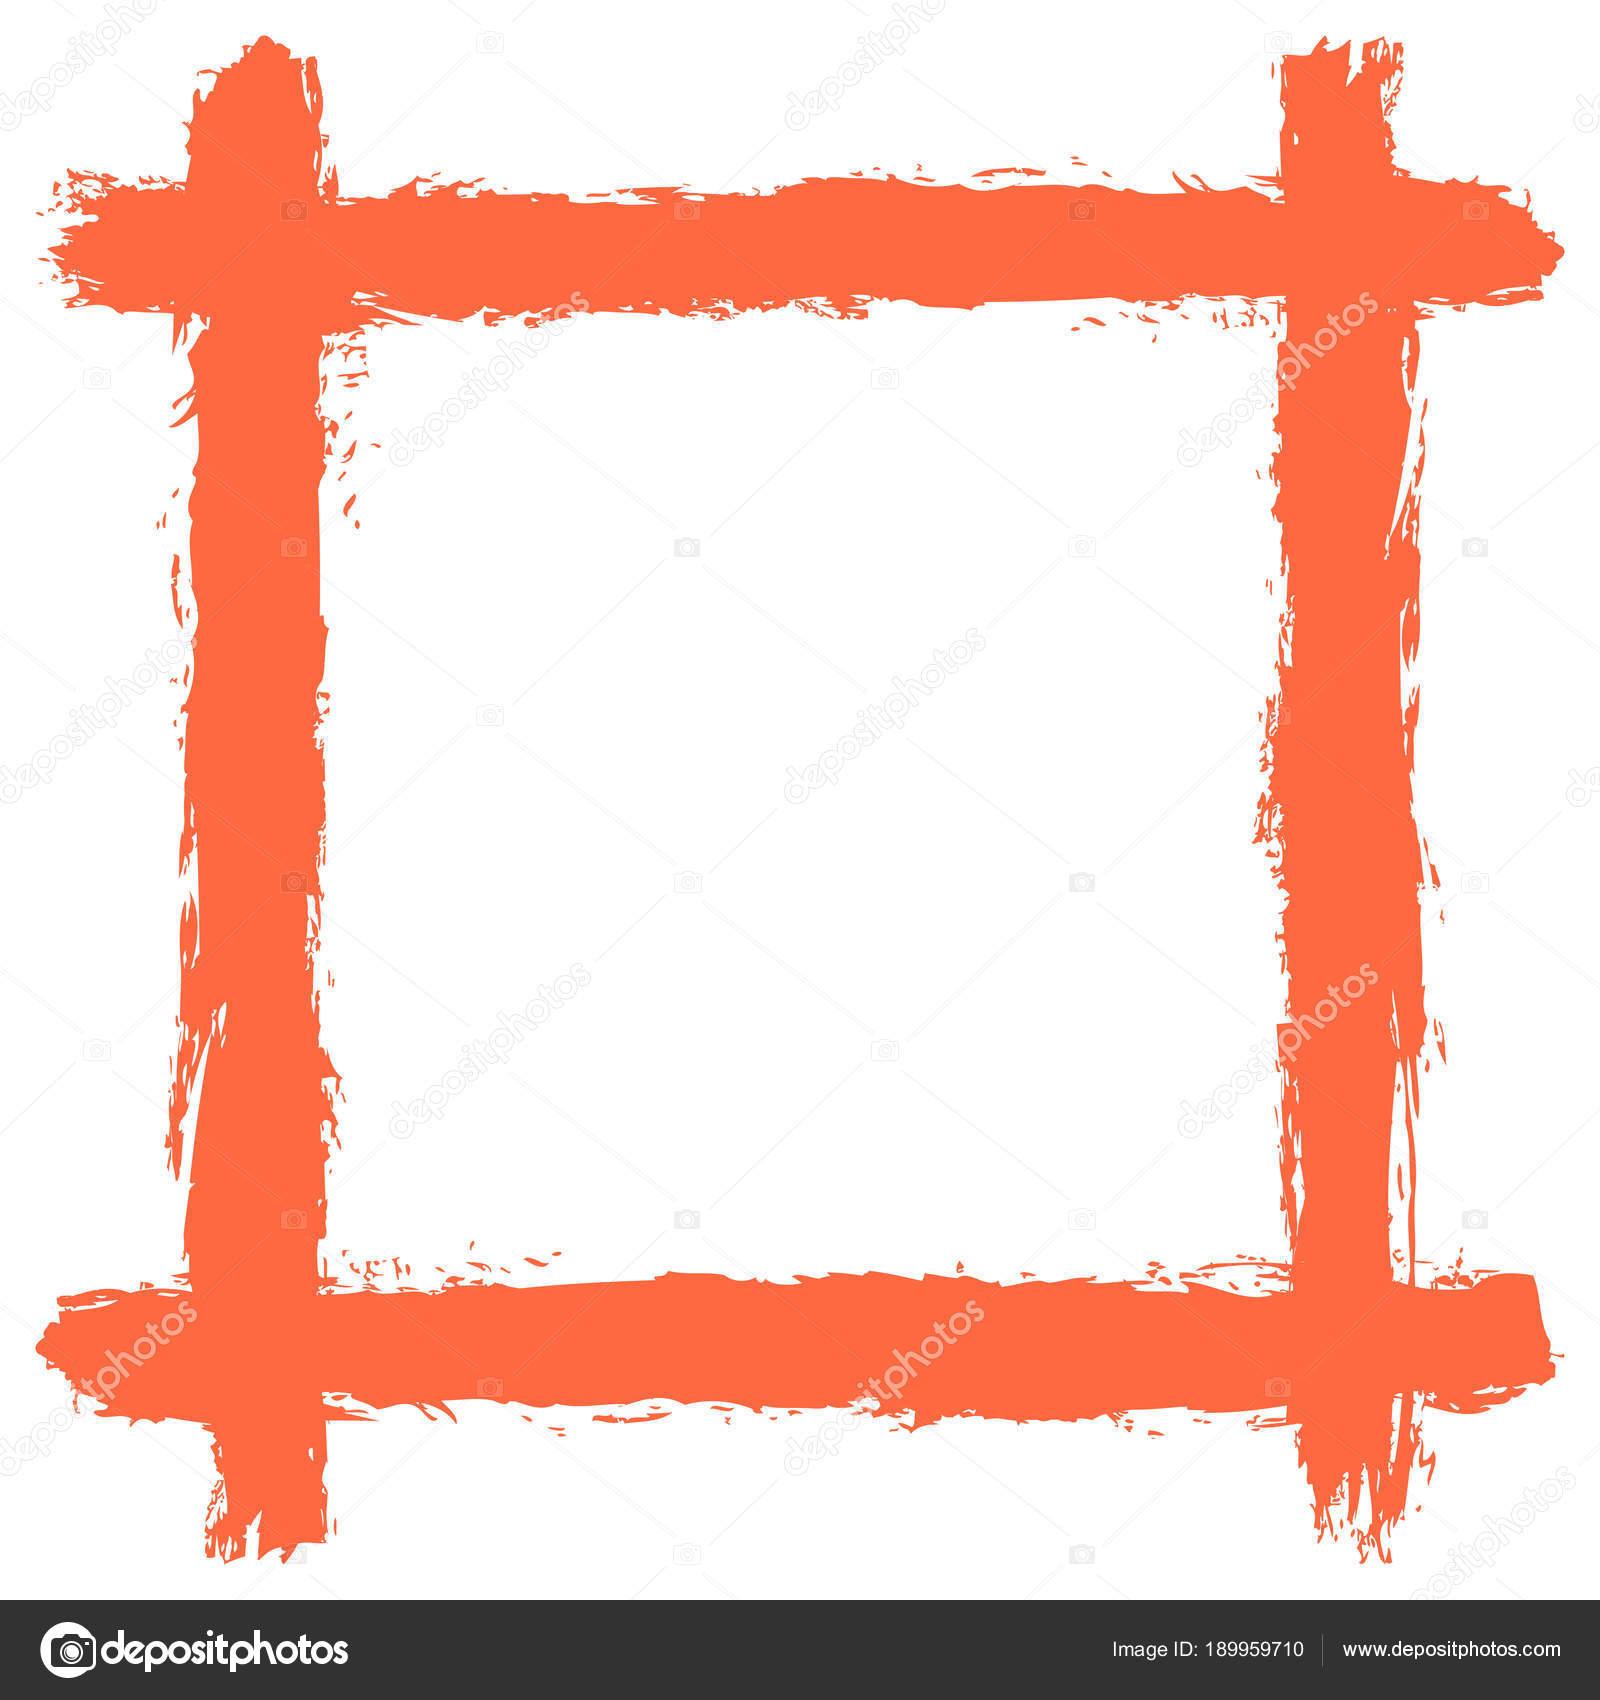 Marco en blanco por la textura de la pincelada — Archivo Imágenes ...